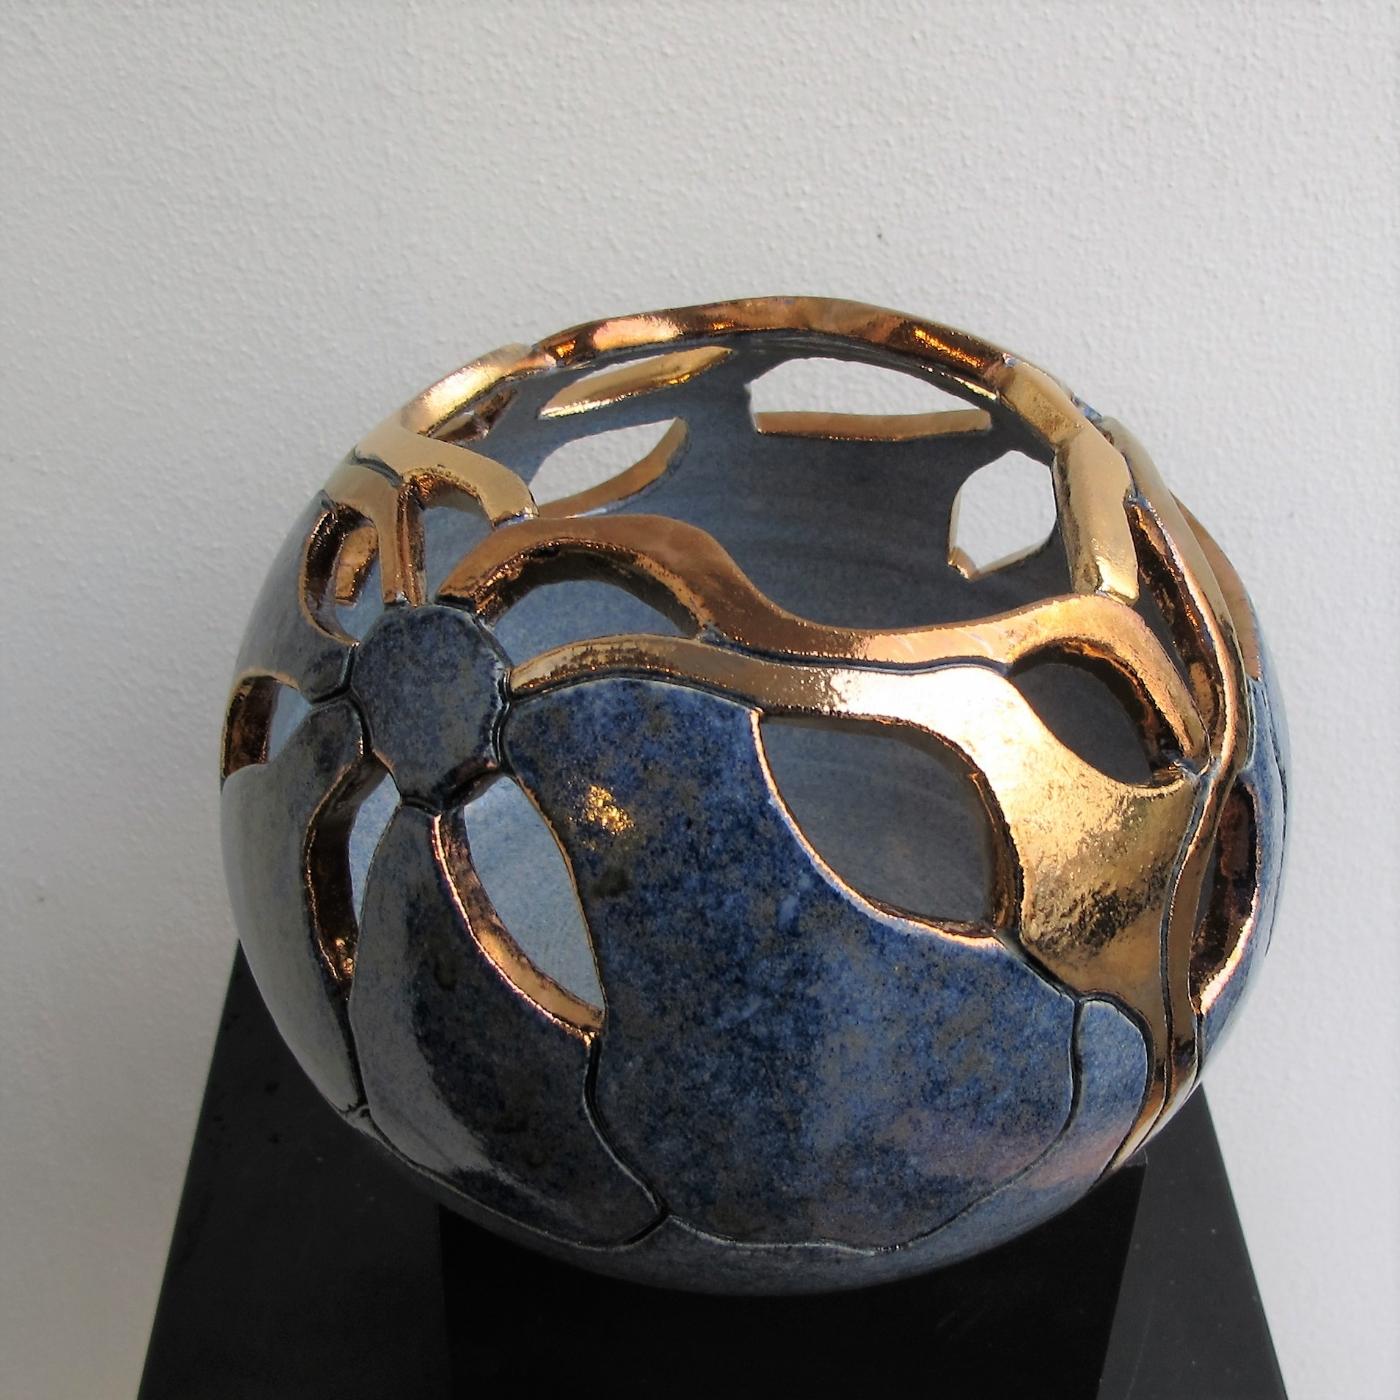 mellem gobbel gennembrudt m. metal | Keramik